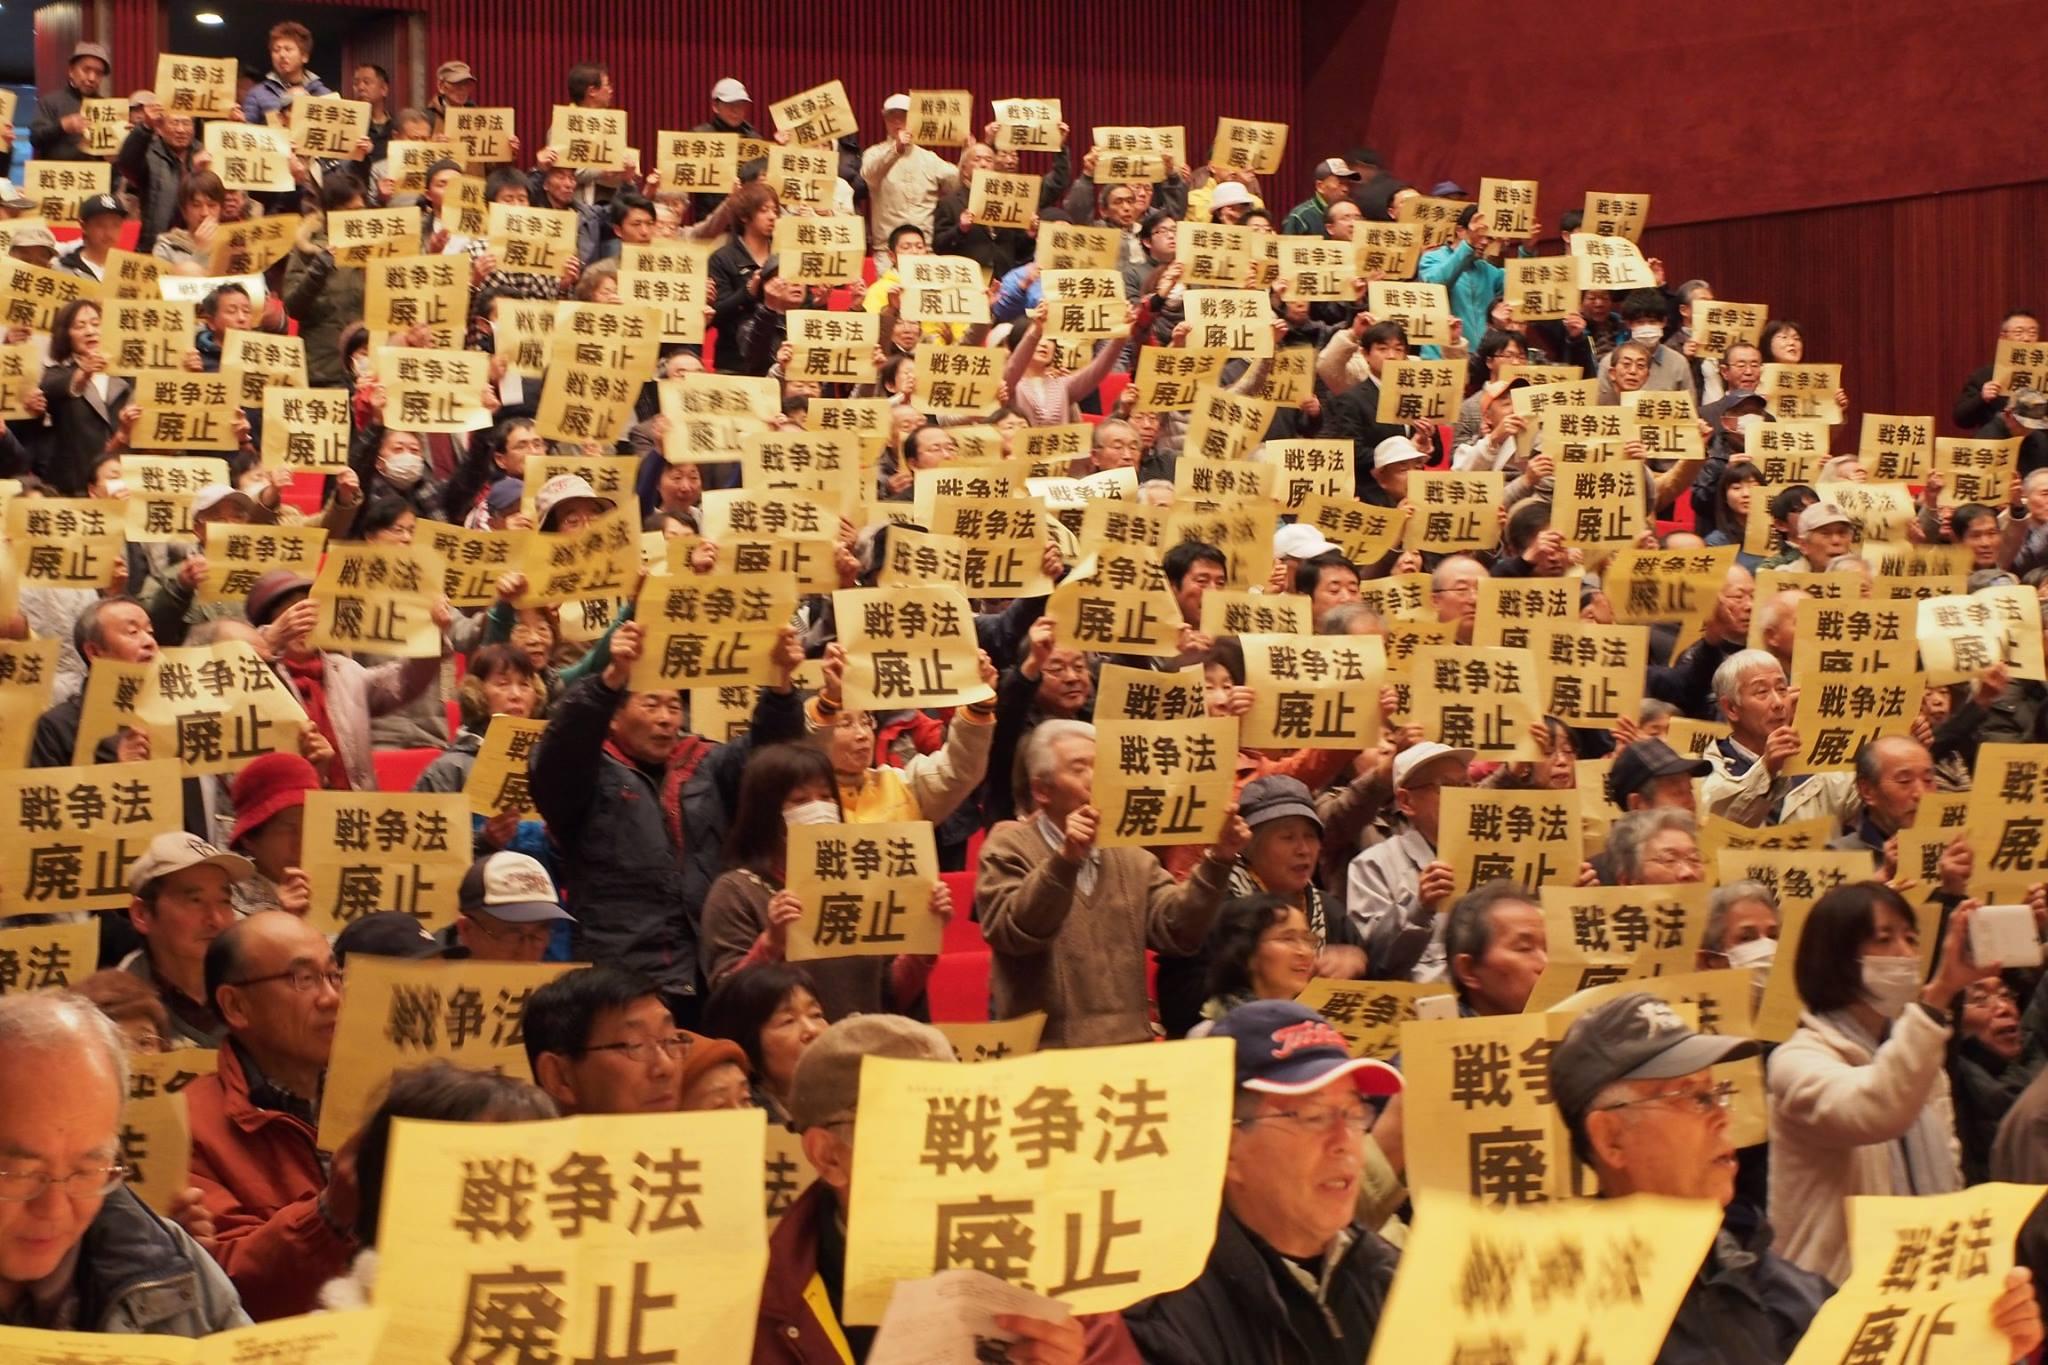 【立憲主義と憲法9条をまもる新潟県民の集いin nagaoka】-3